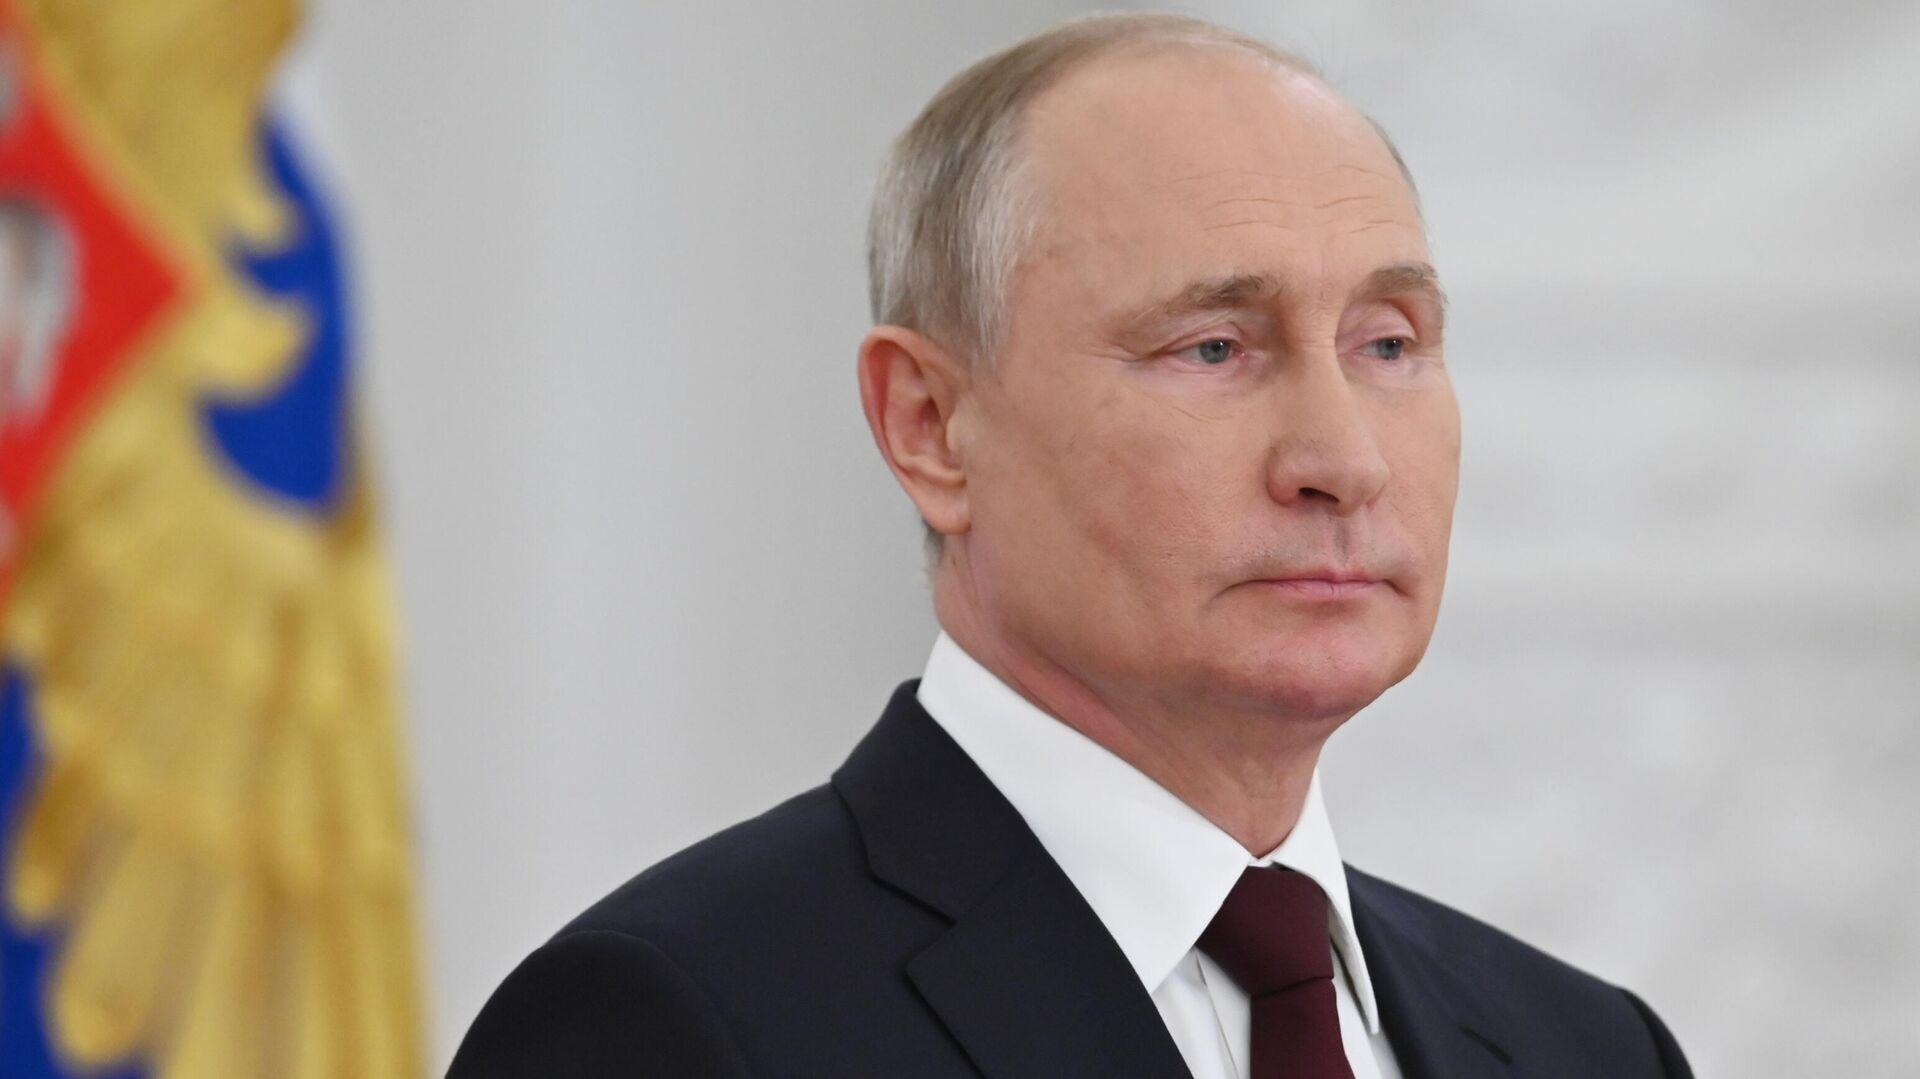 Президент РФ Владимир Путин во время встречи с выпускниками военных вузов - РИА Новости, 1920, 01.07.2021